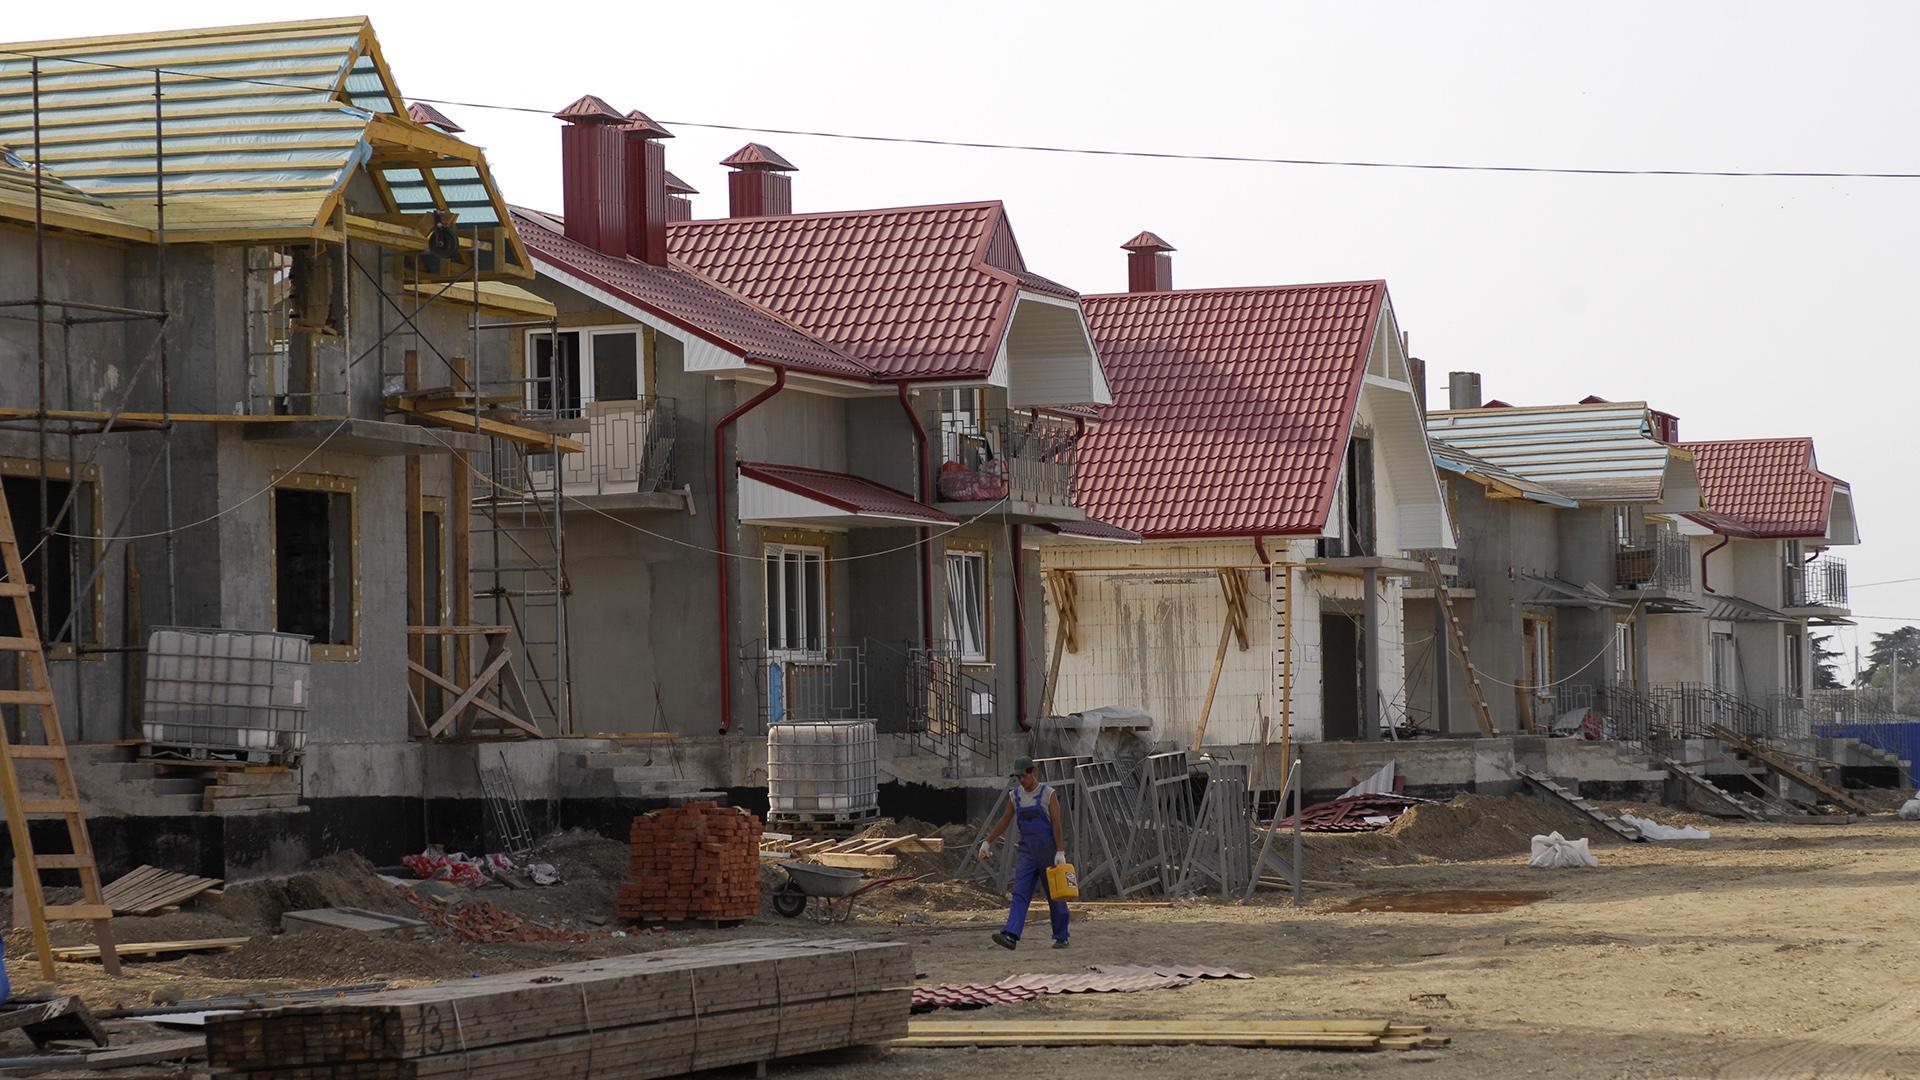 Сельская ипотека под 1 процент — условия получения с 2020 года ипотеки в сельской местности